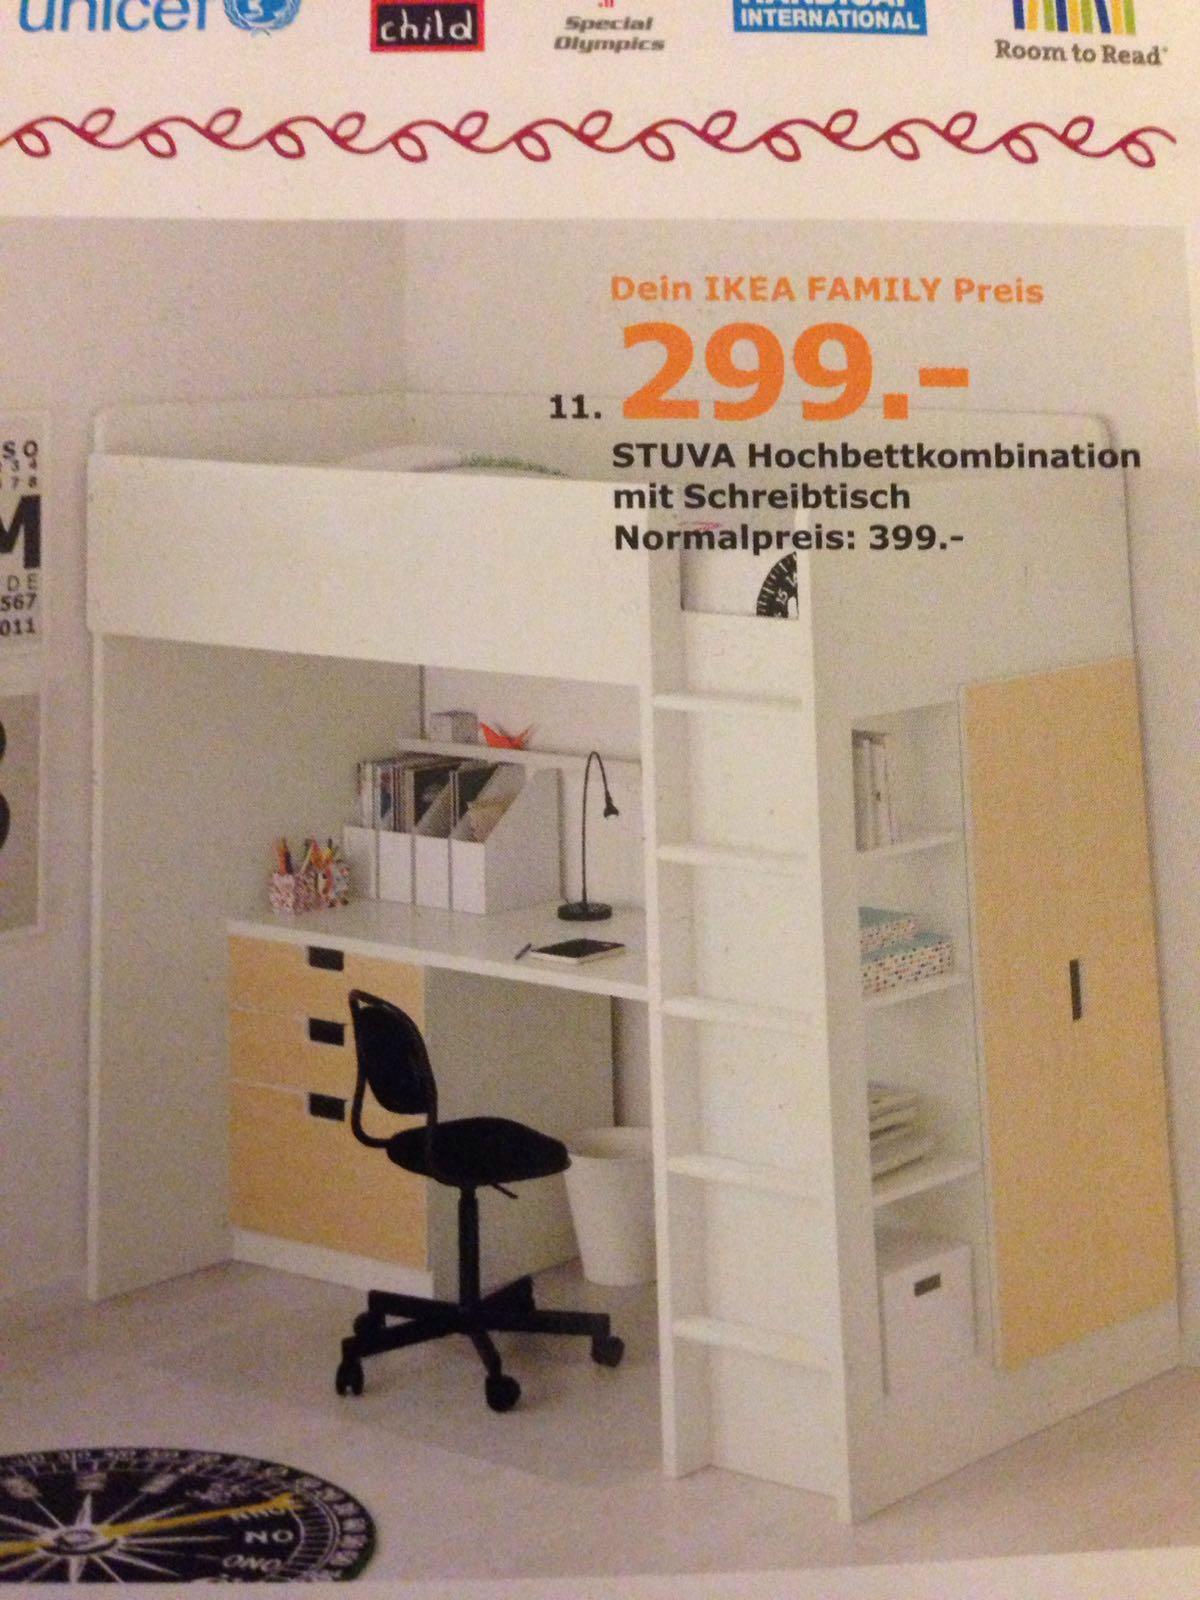 ikea stuva hochbett mit schreibtisch schubladen schrank. Black Bedroom Furniture Sets. Home Design Ideas